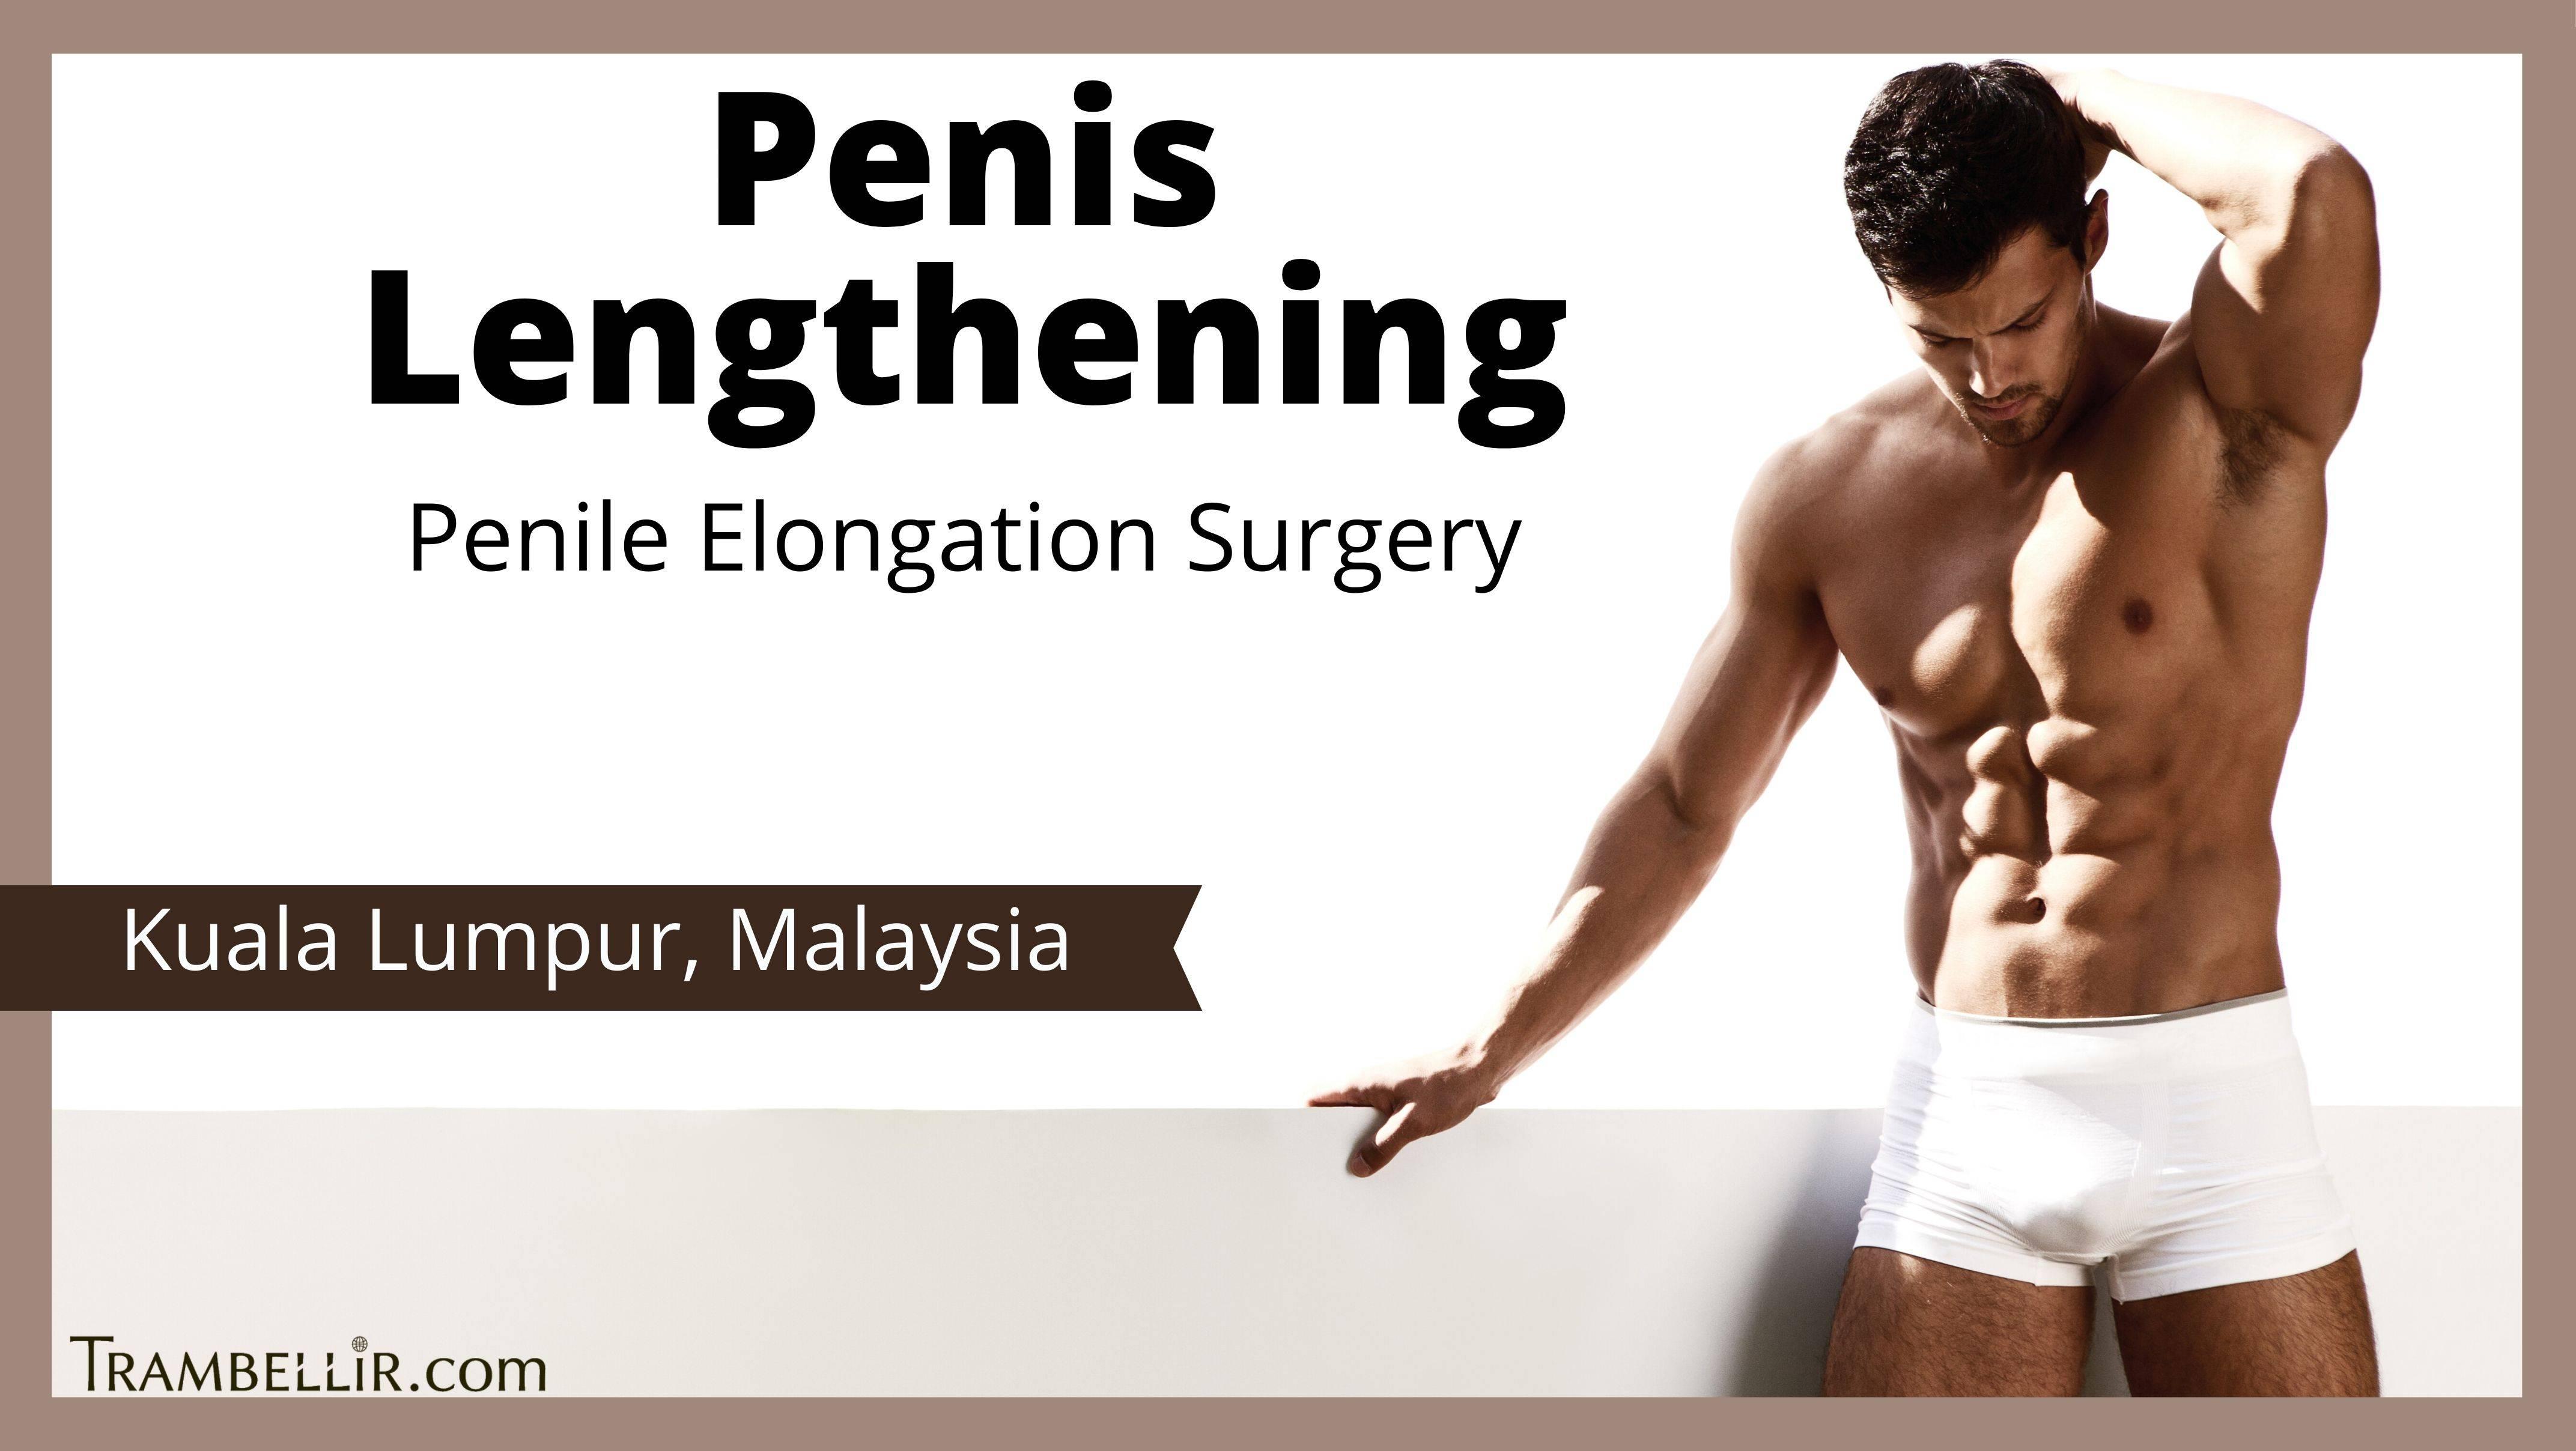 Plasztikai műtét, plasztikai sebész, plasztikáról minden - Pénisz lipofilling